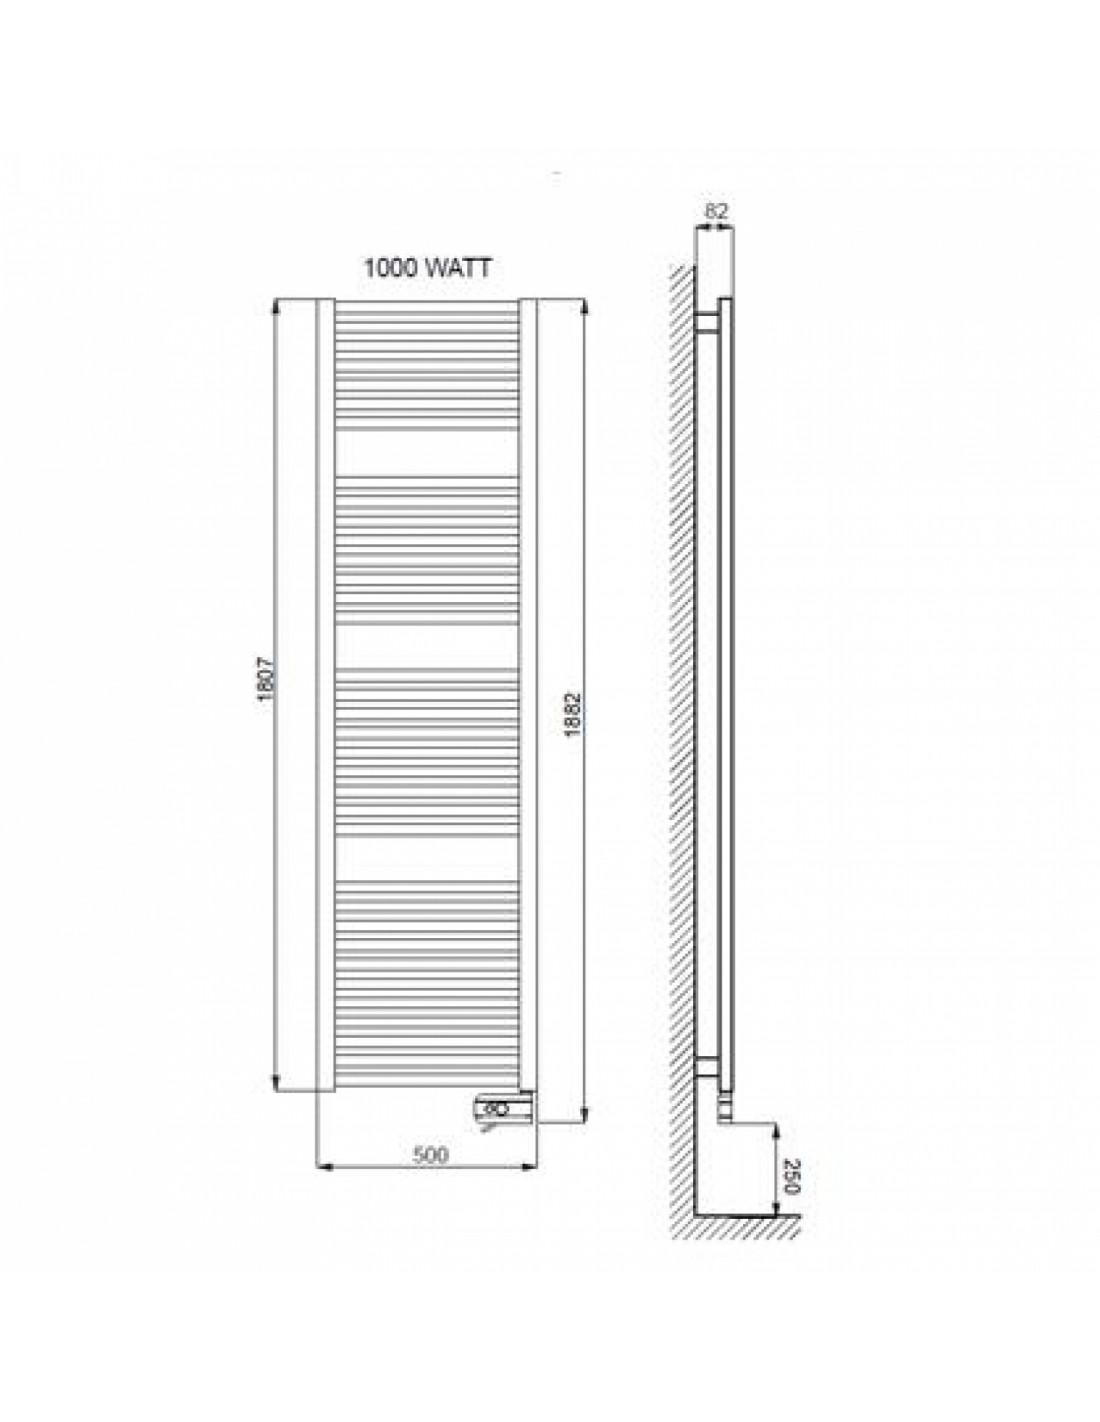 Seche serviette electrique 1000w - Radiateur seche serviettes electrique ...